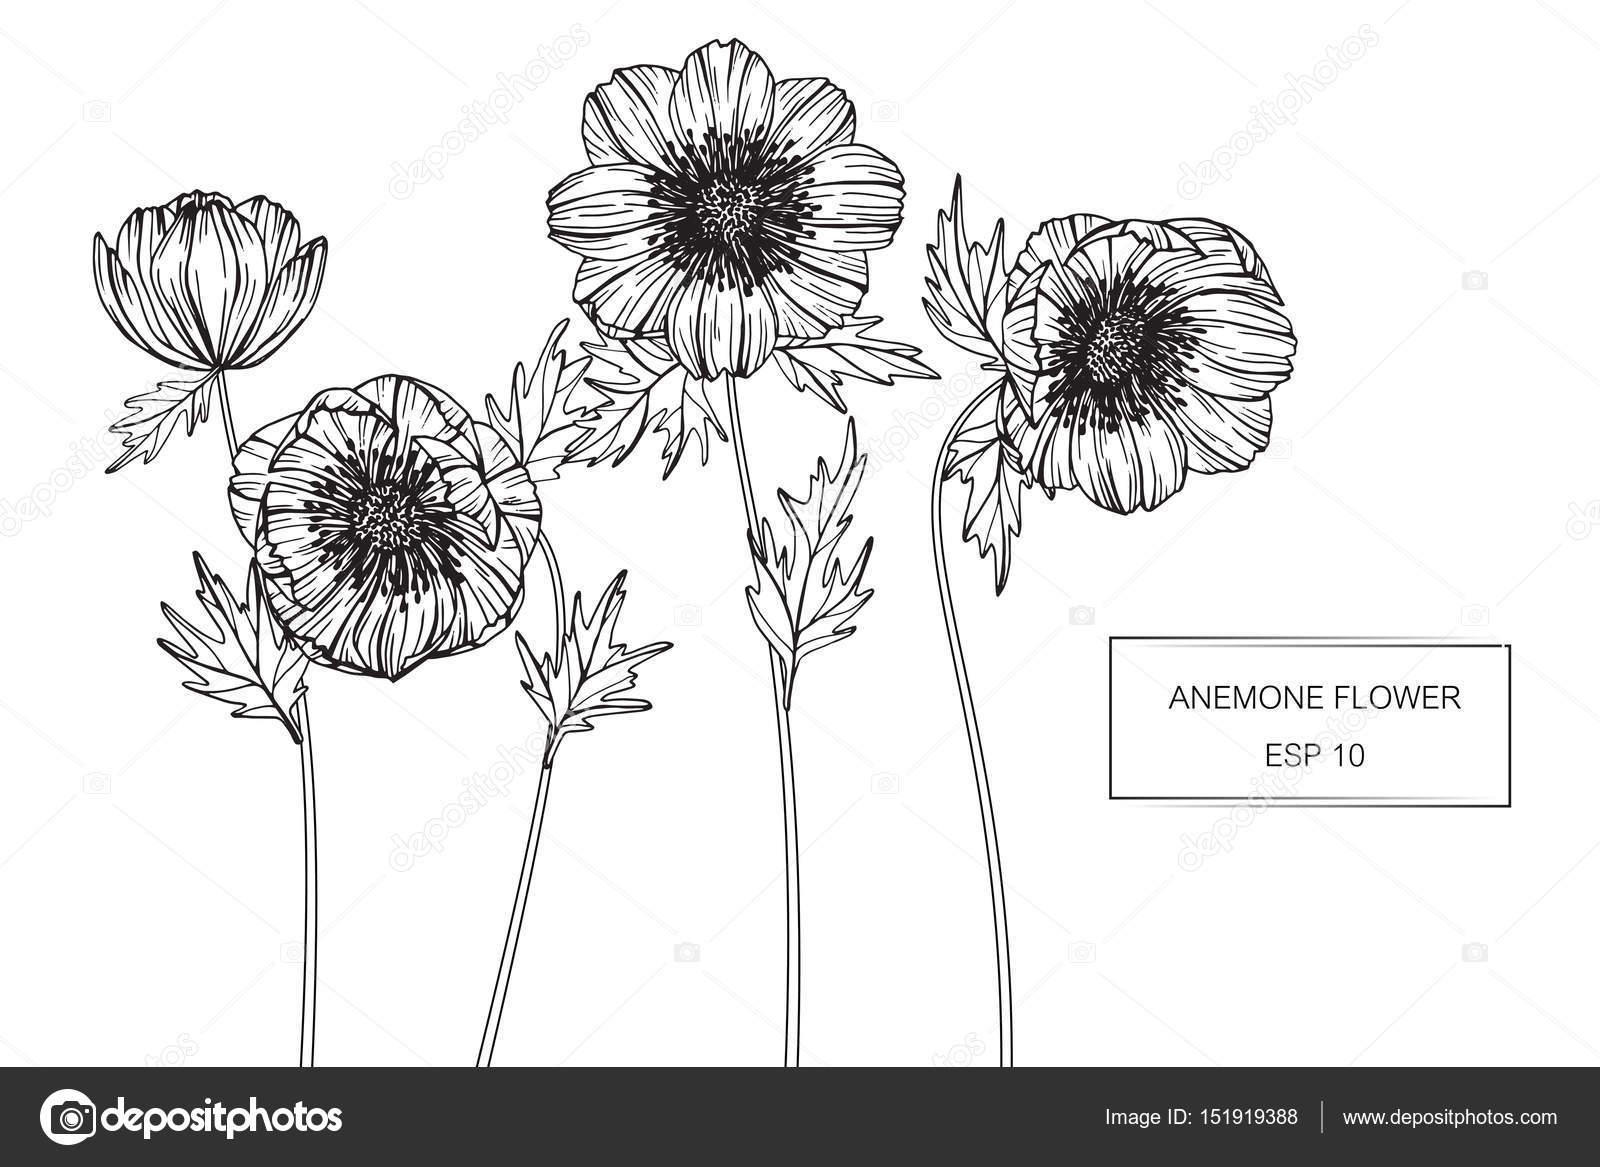 Anemone Flower Line Drawing : Zawilec kwiaty rysunek i szkic z linii sztuka — grafika